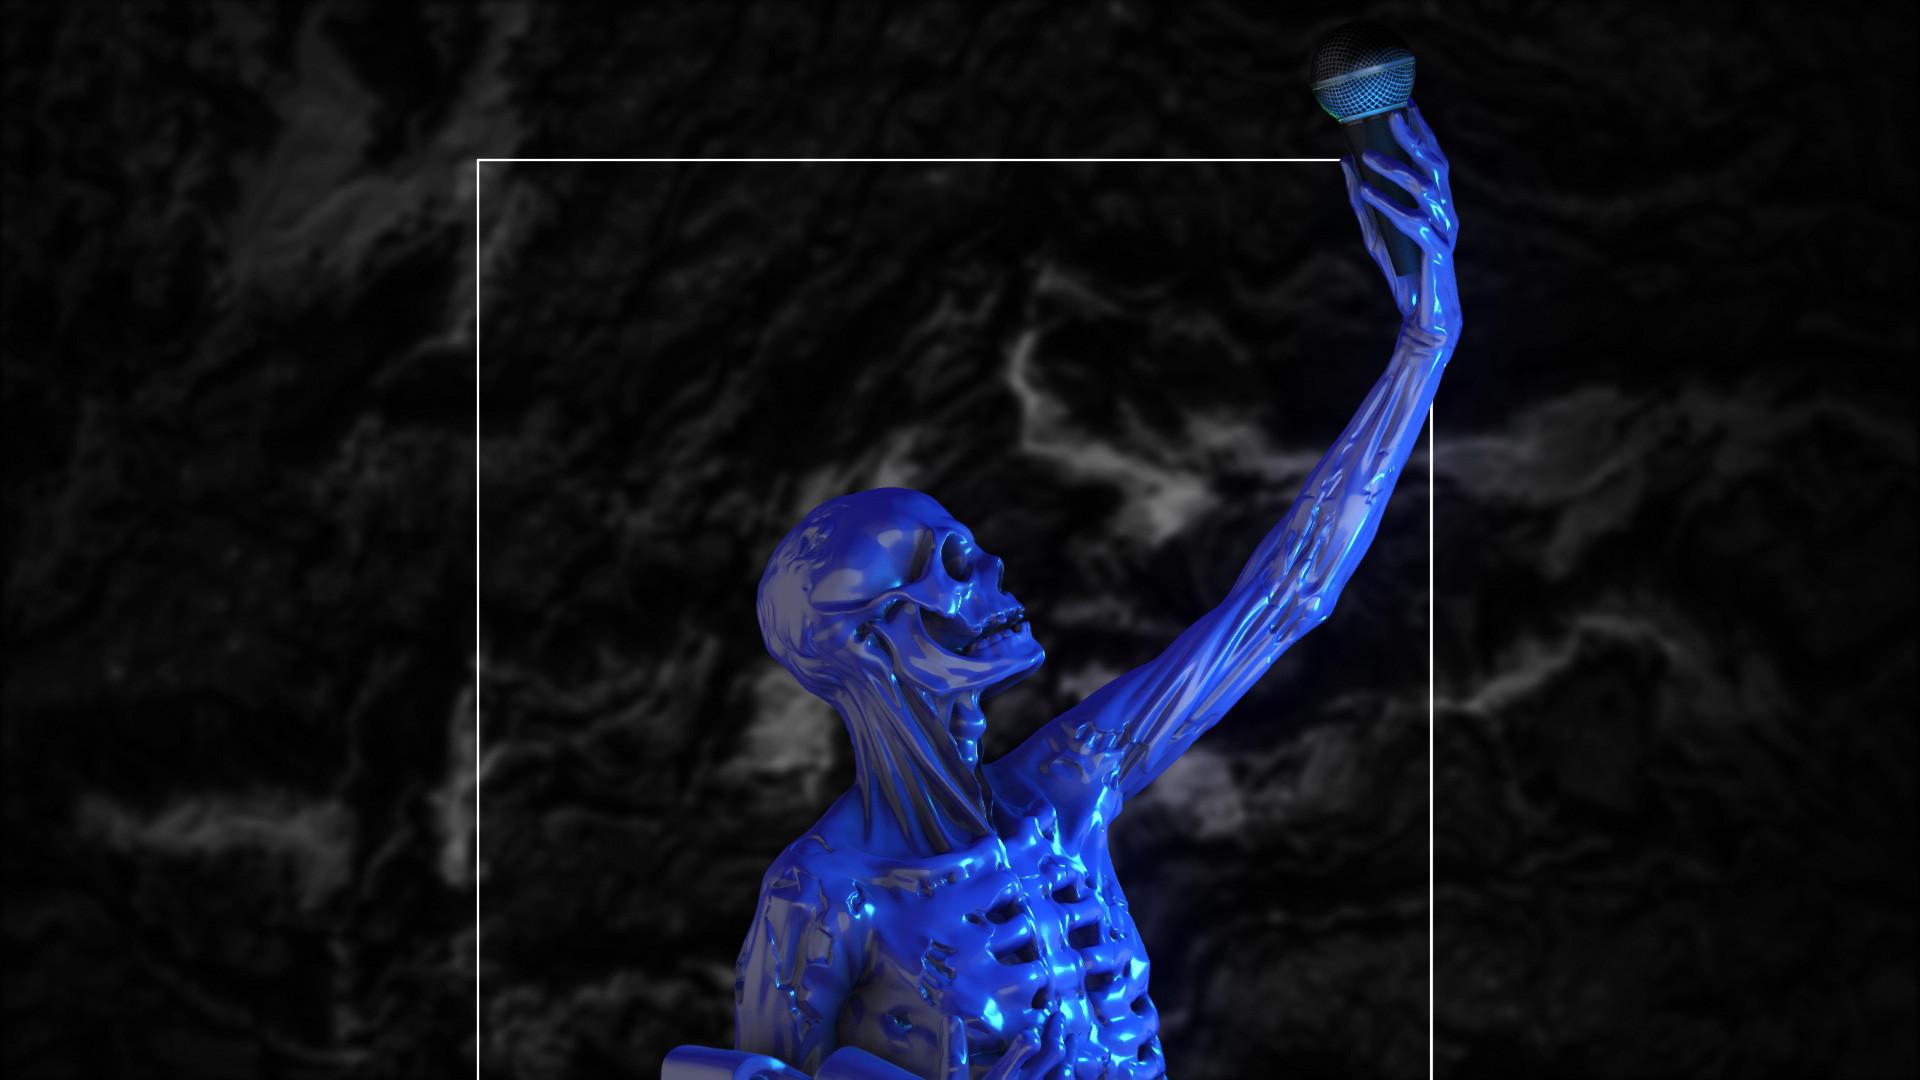 3D SCULP3_3.jpg